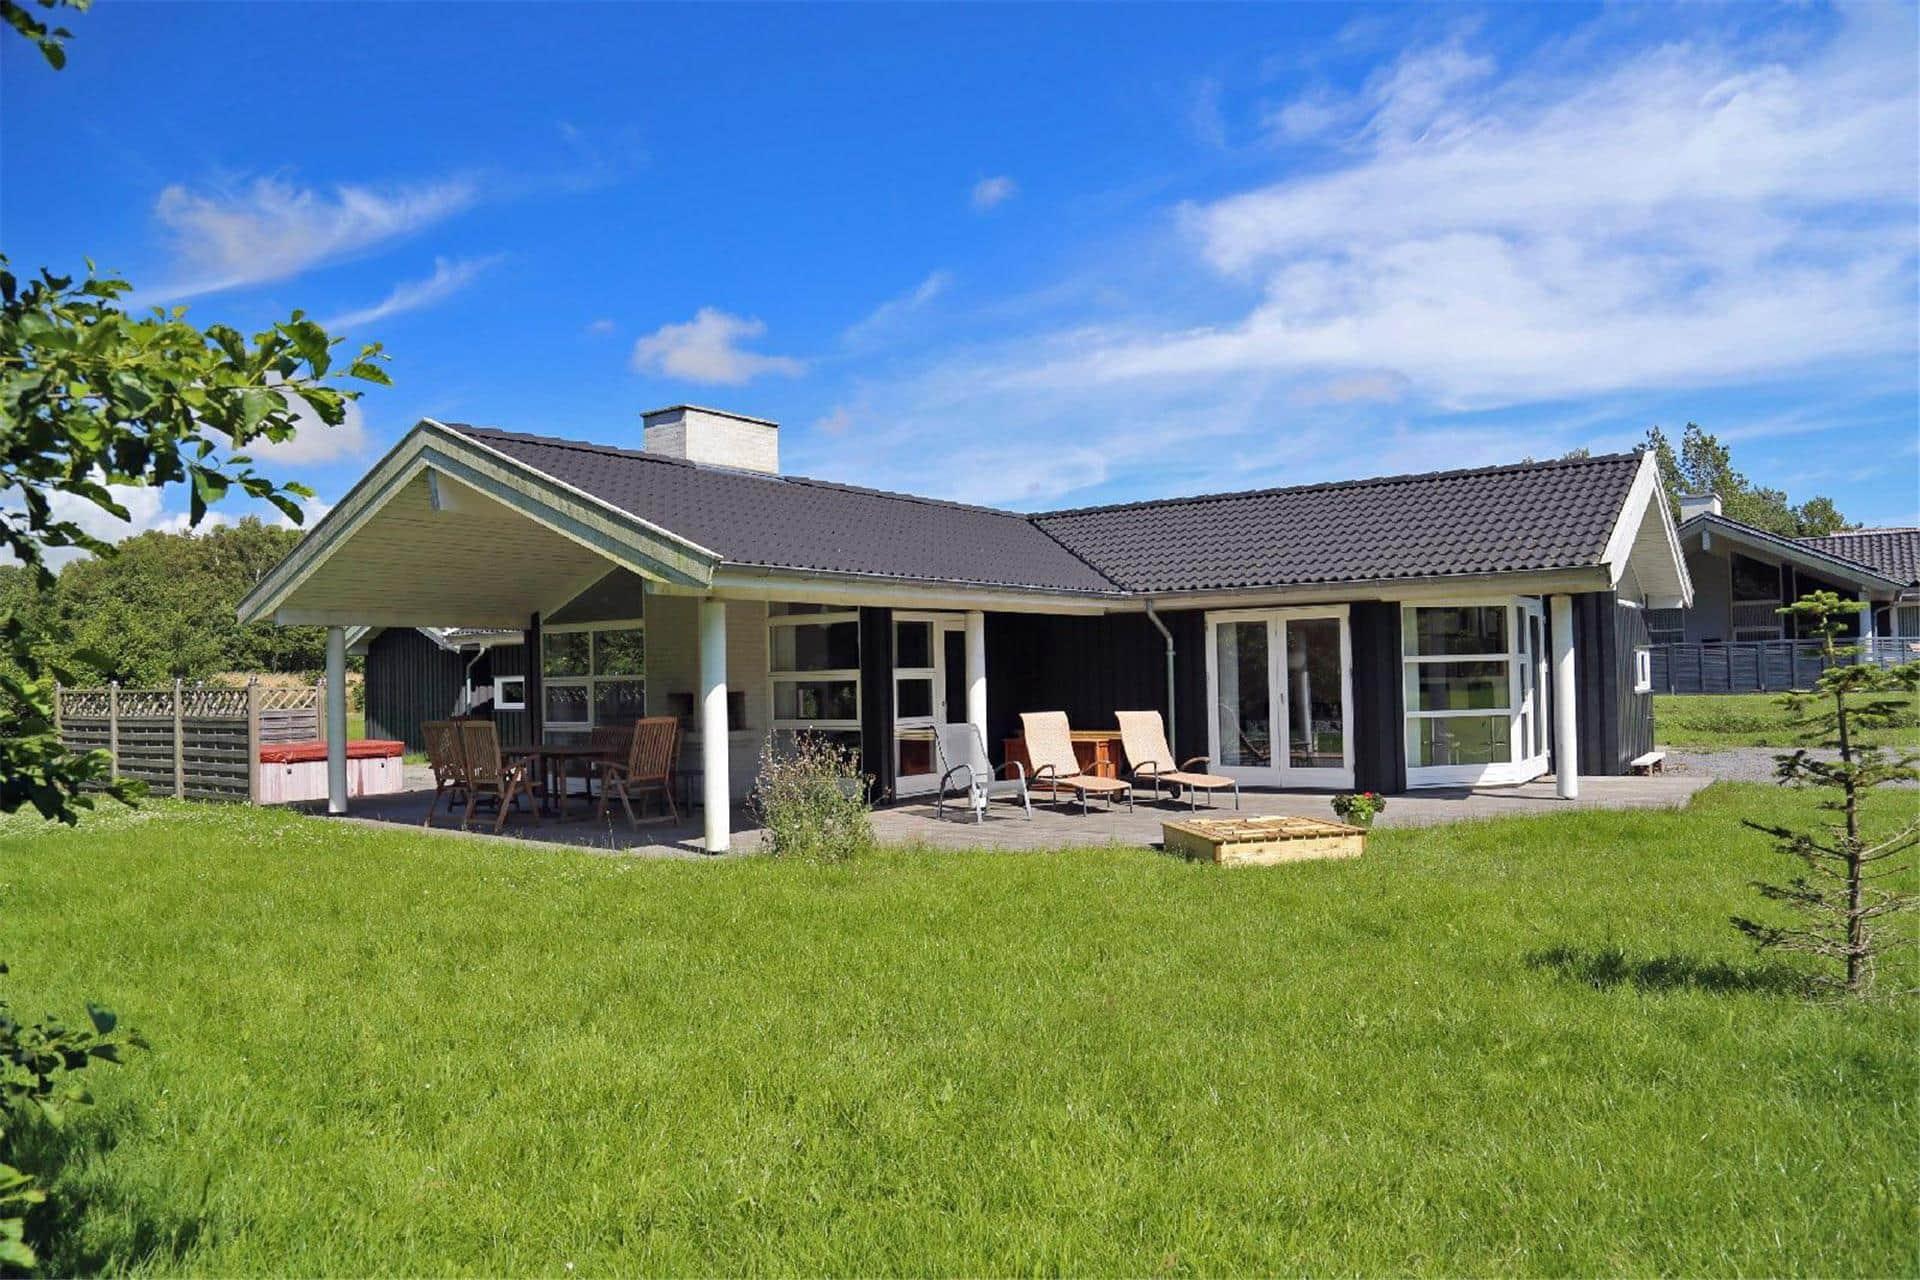 Billede 1-10 Sommerhus 1433, Sluseparken 27, DK - 3720 Aakirkeby